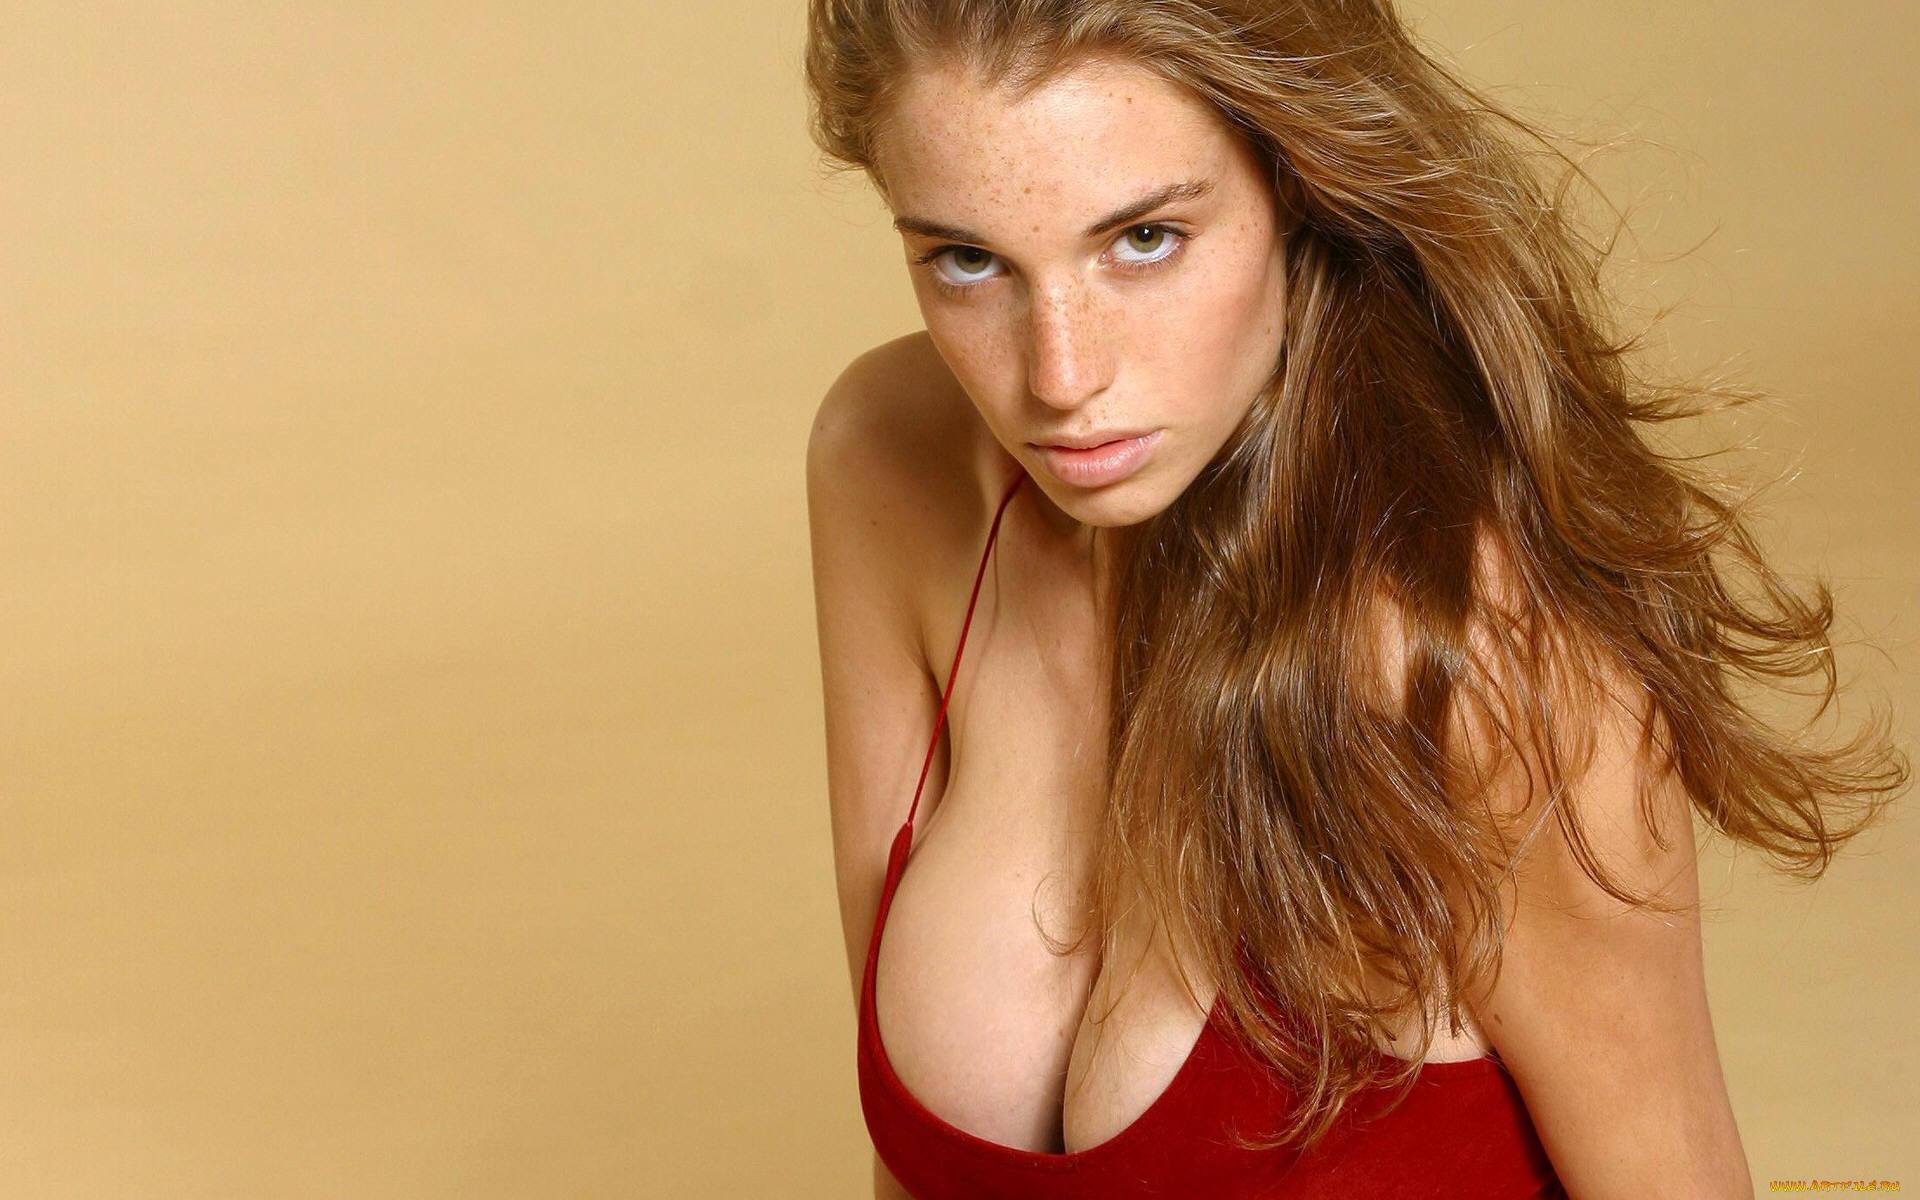 Худенькая девочка с большой грудью, Худенькая красотка с большой грудью 16 фотография